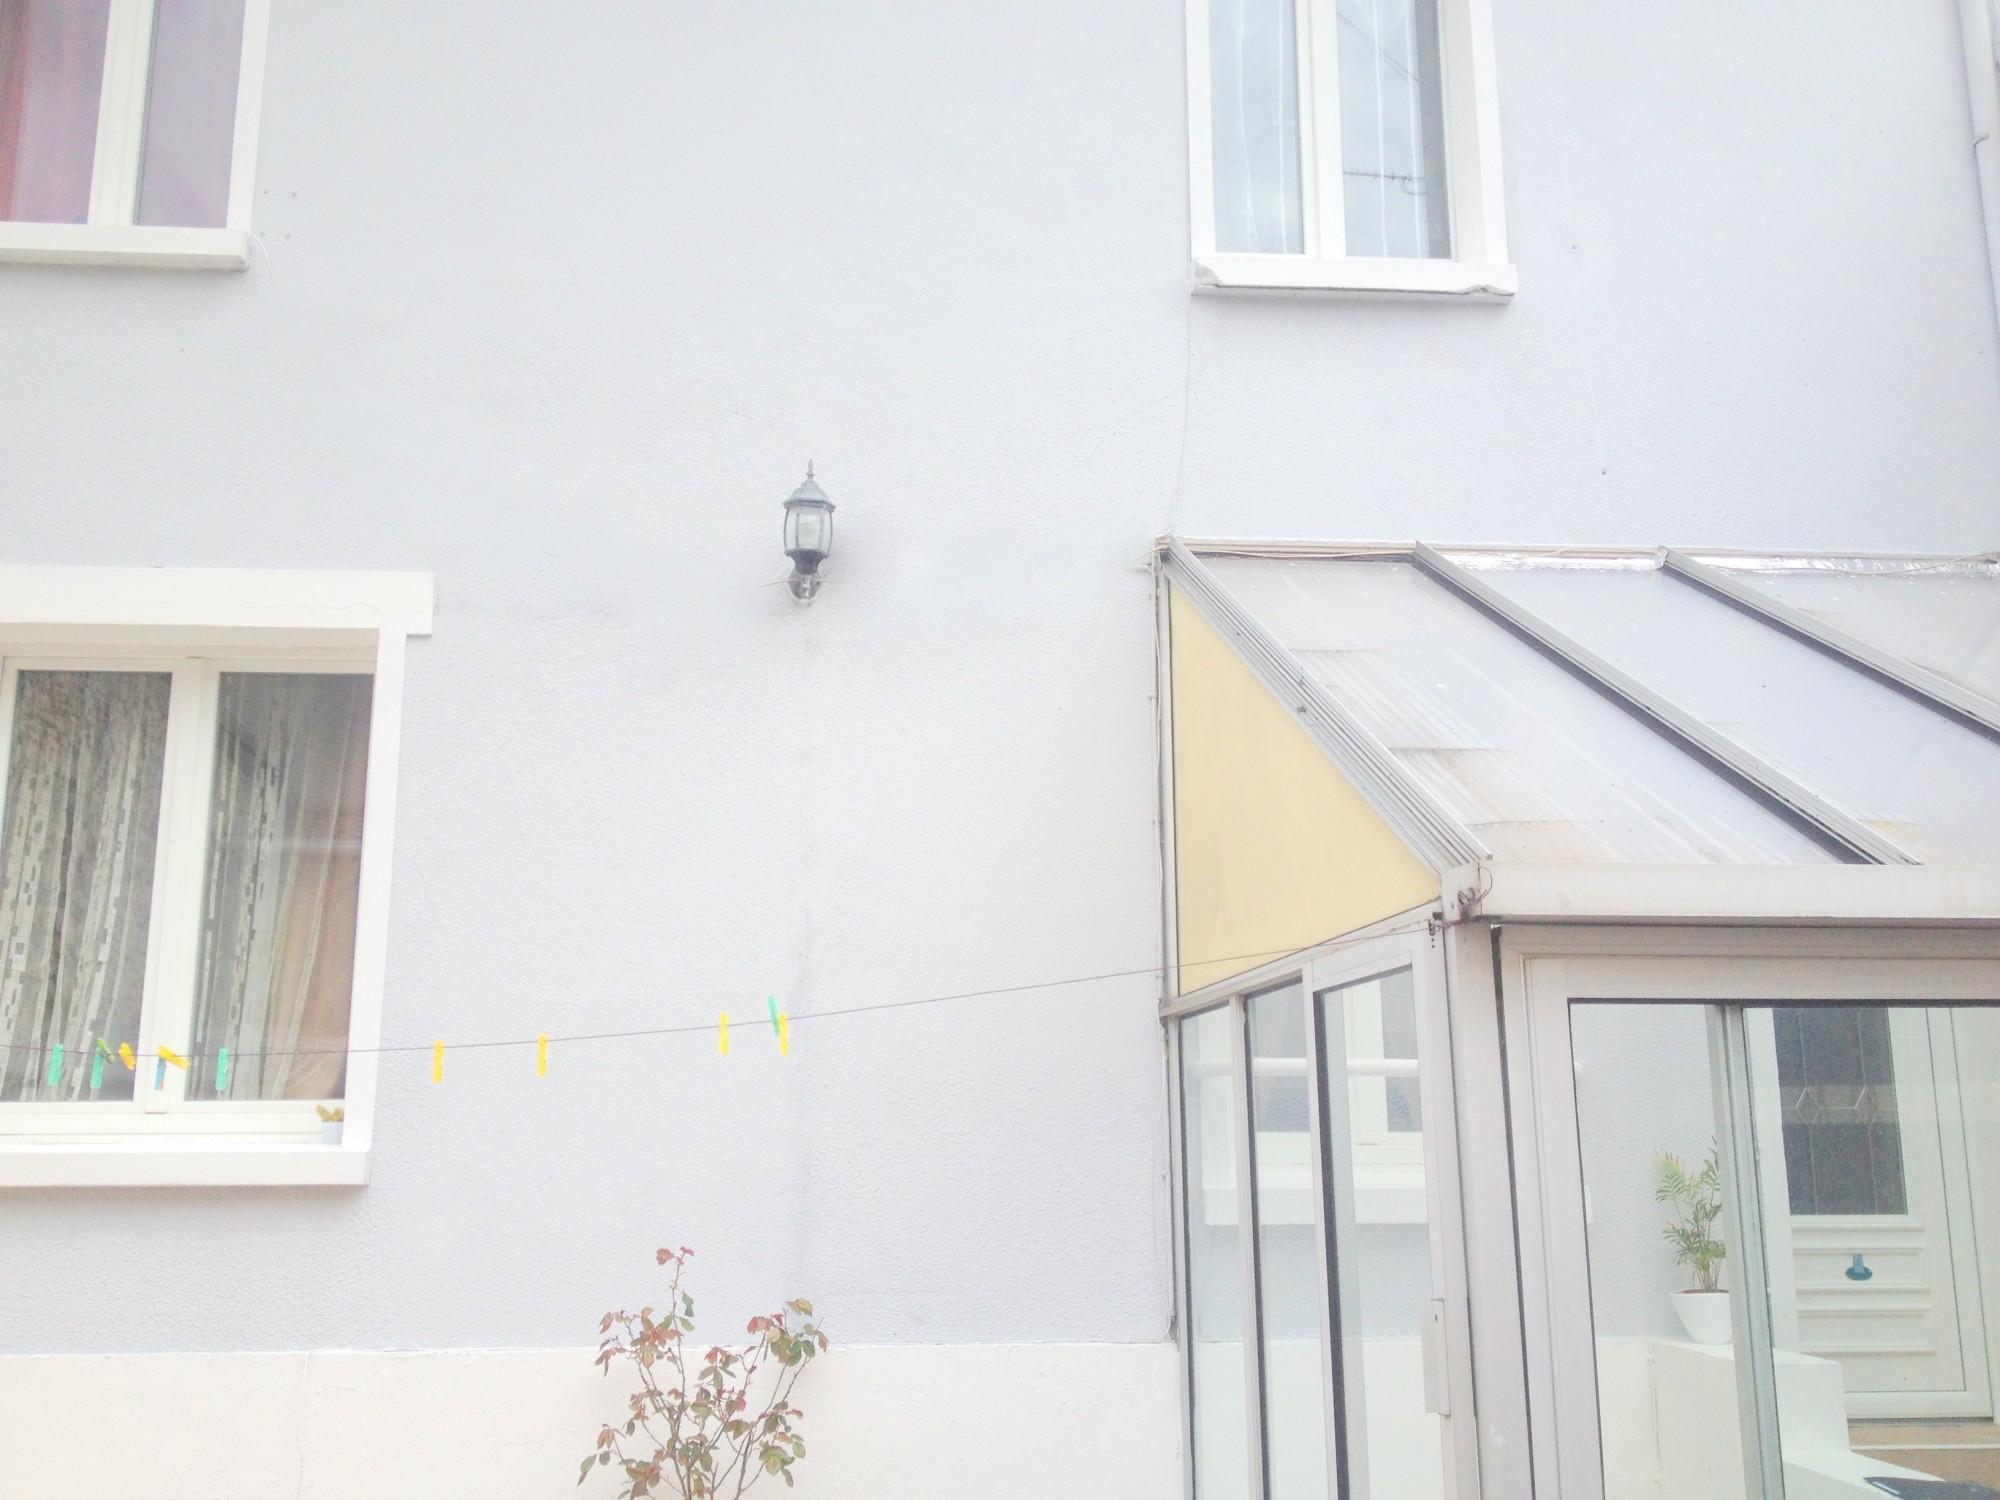 acheter une maison pour 200 000€ dans les yvelines